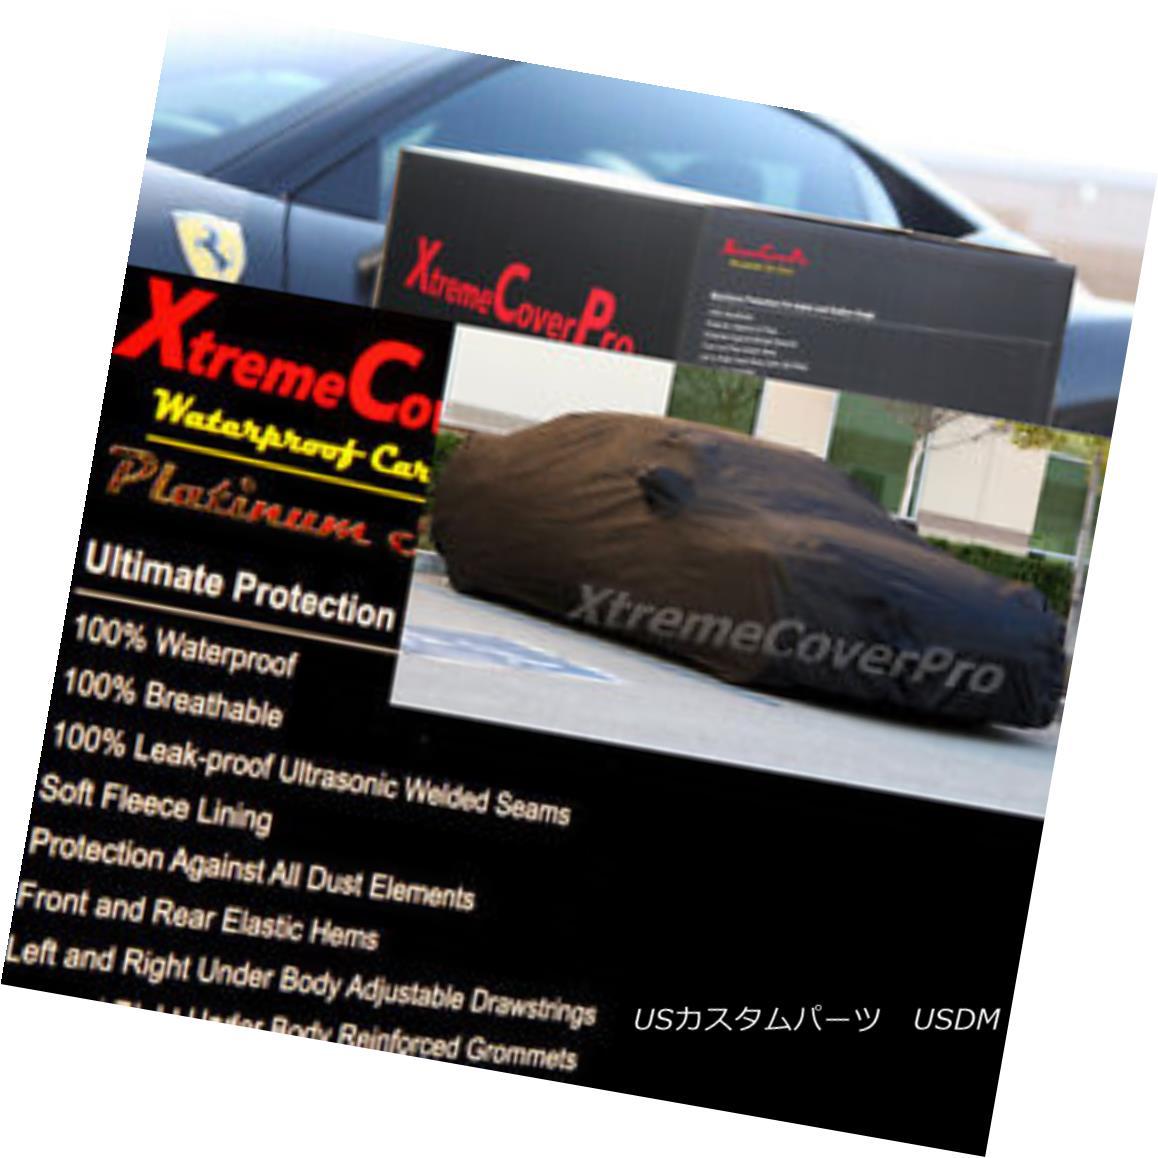 カーカバー 2014 Cadillac CTS-V Sedan Waterproof Car Cover w/ Mirror Pocket 2014キャデラックCTS-Vセダン防水カーカバー付き/ミラーポケット